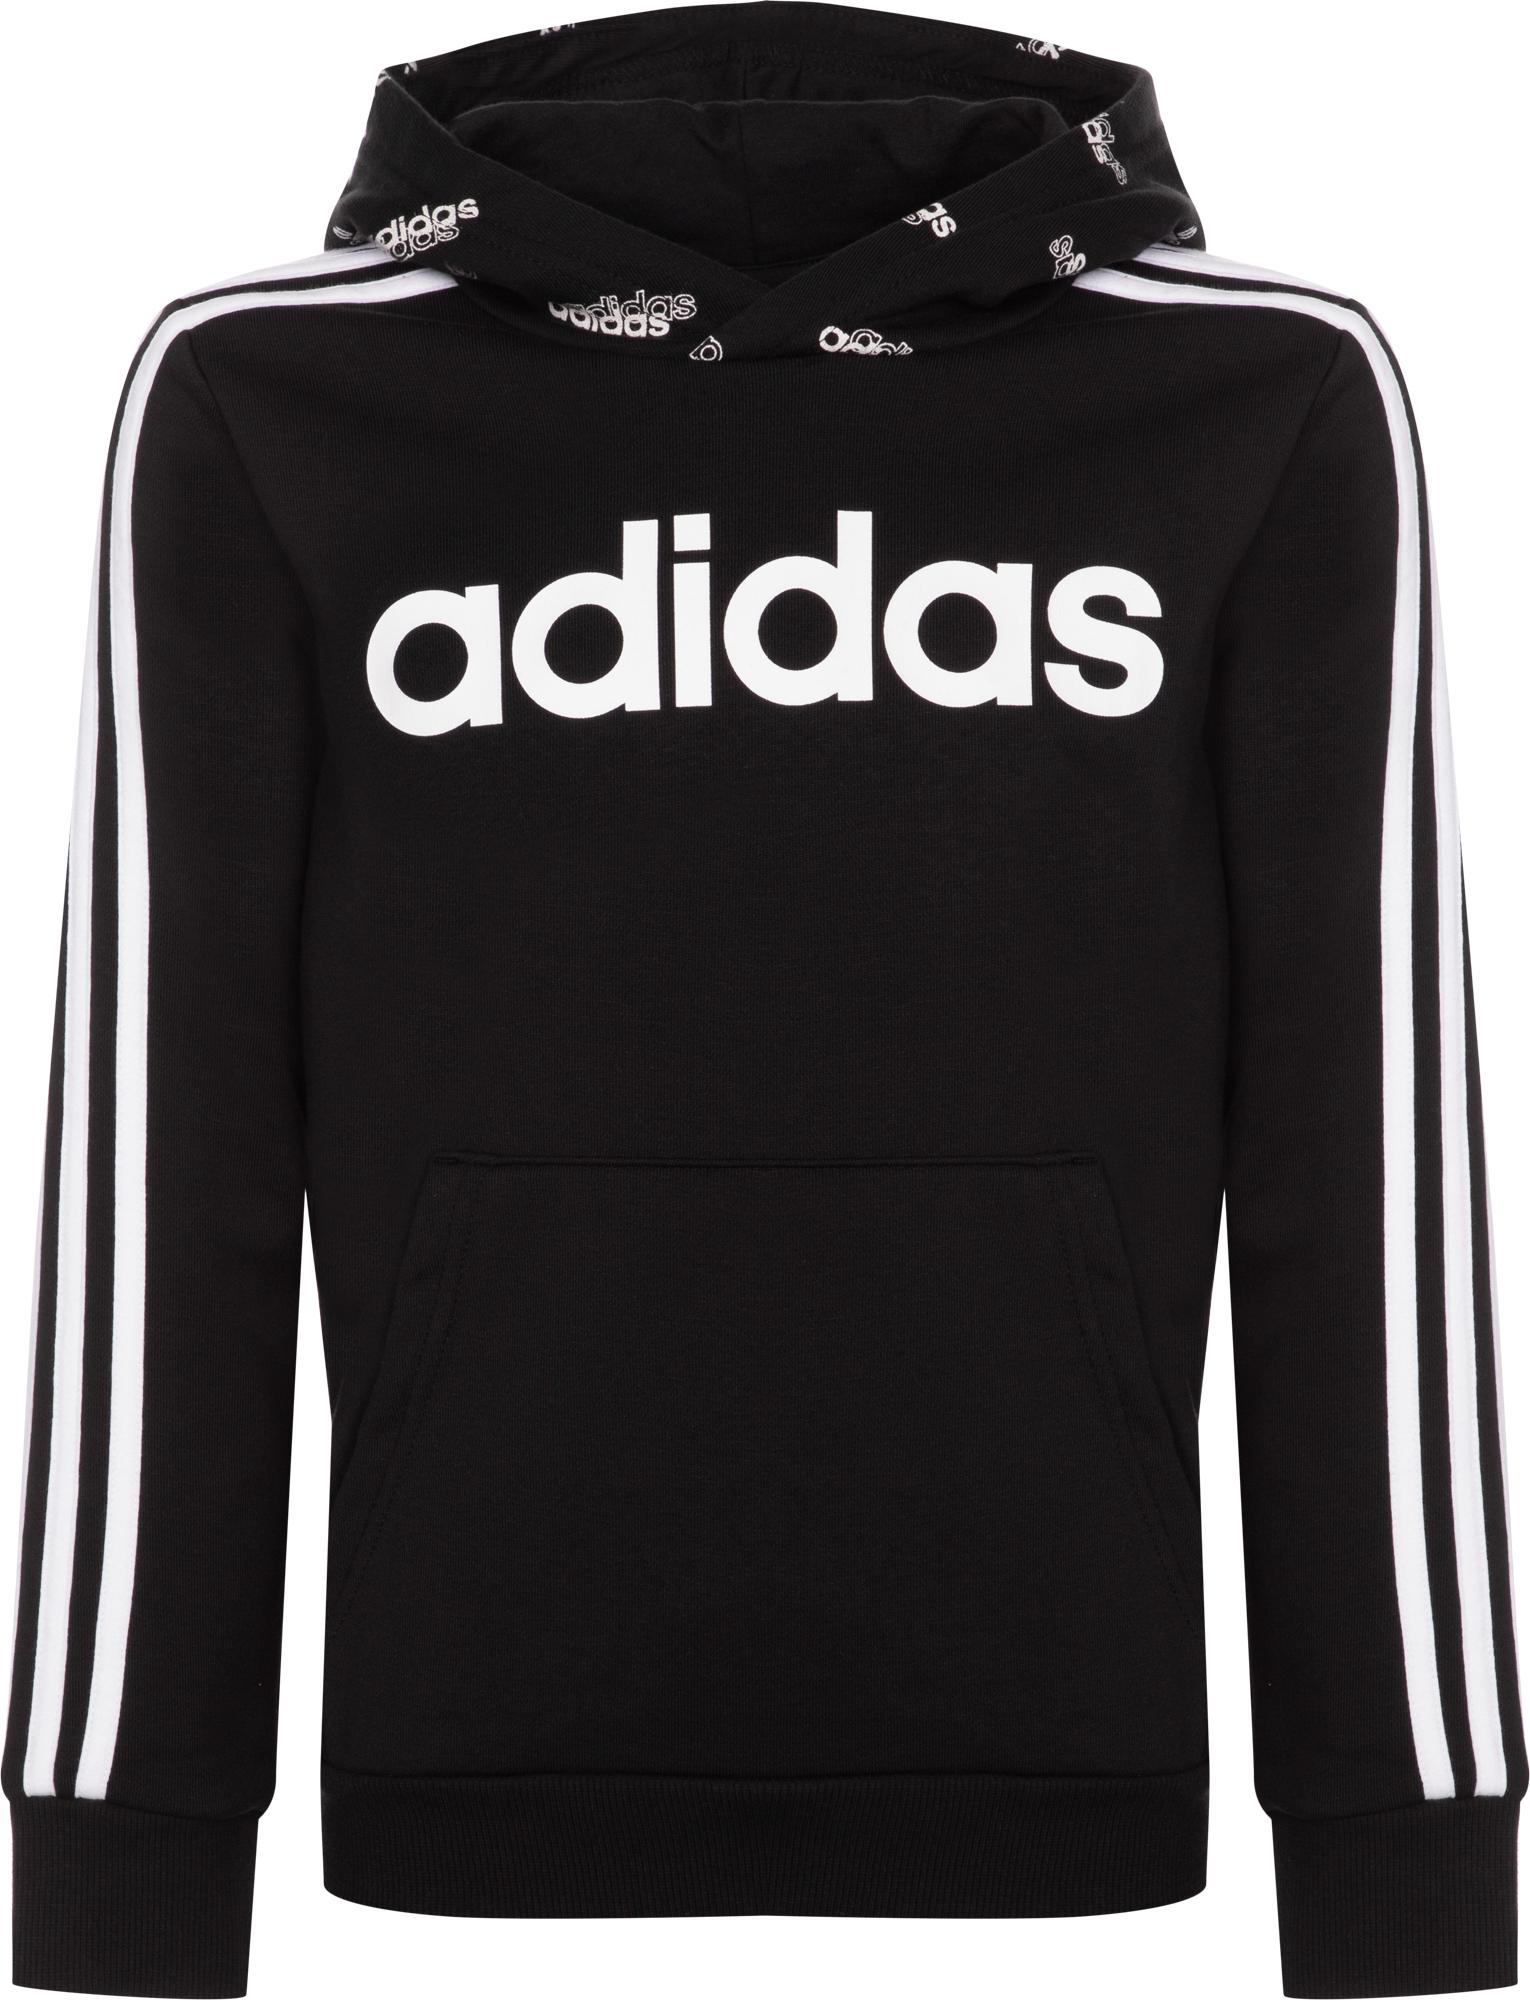 худи женское adidas ess 3s fz hd цвет серый розовый br2438 размер s 42 44 Adidas Худи для мальчиков Adidas, размер 128